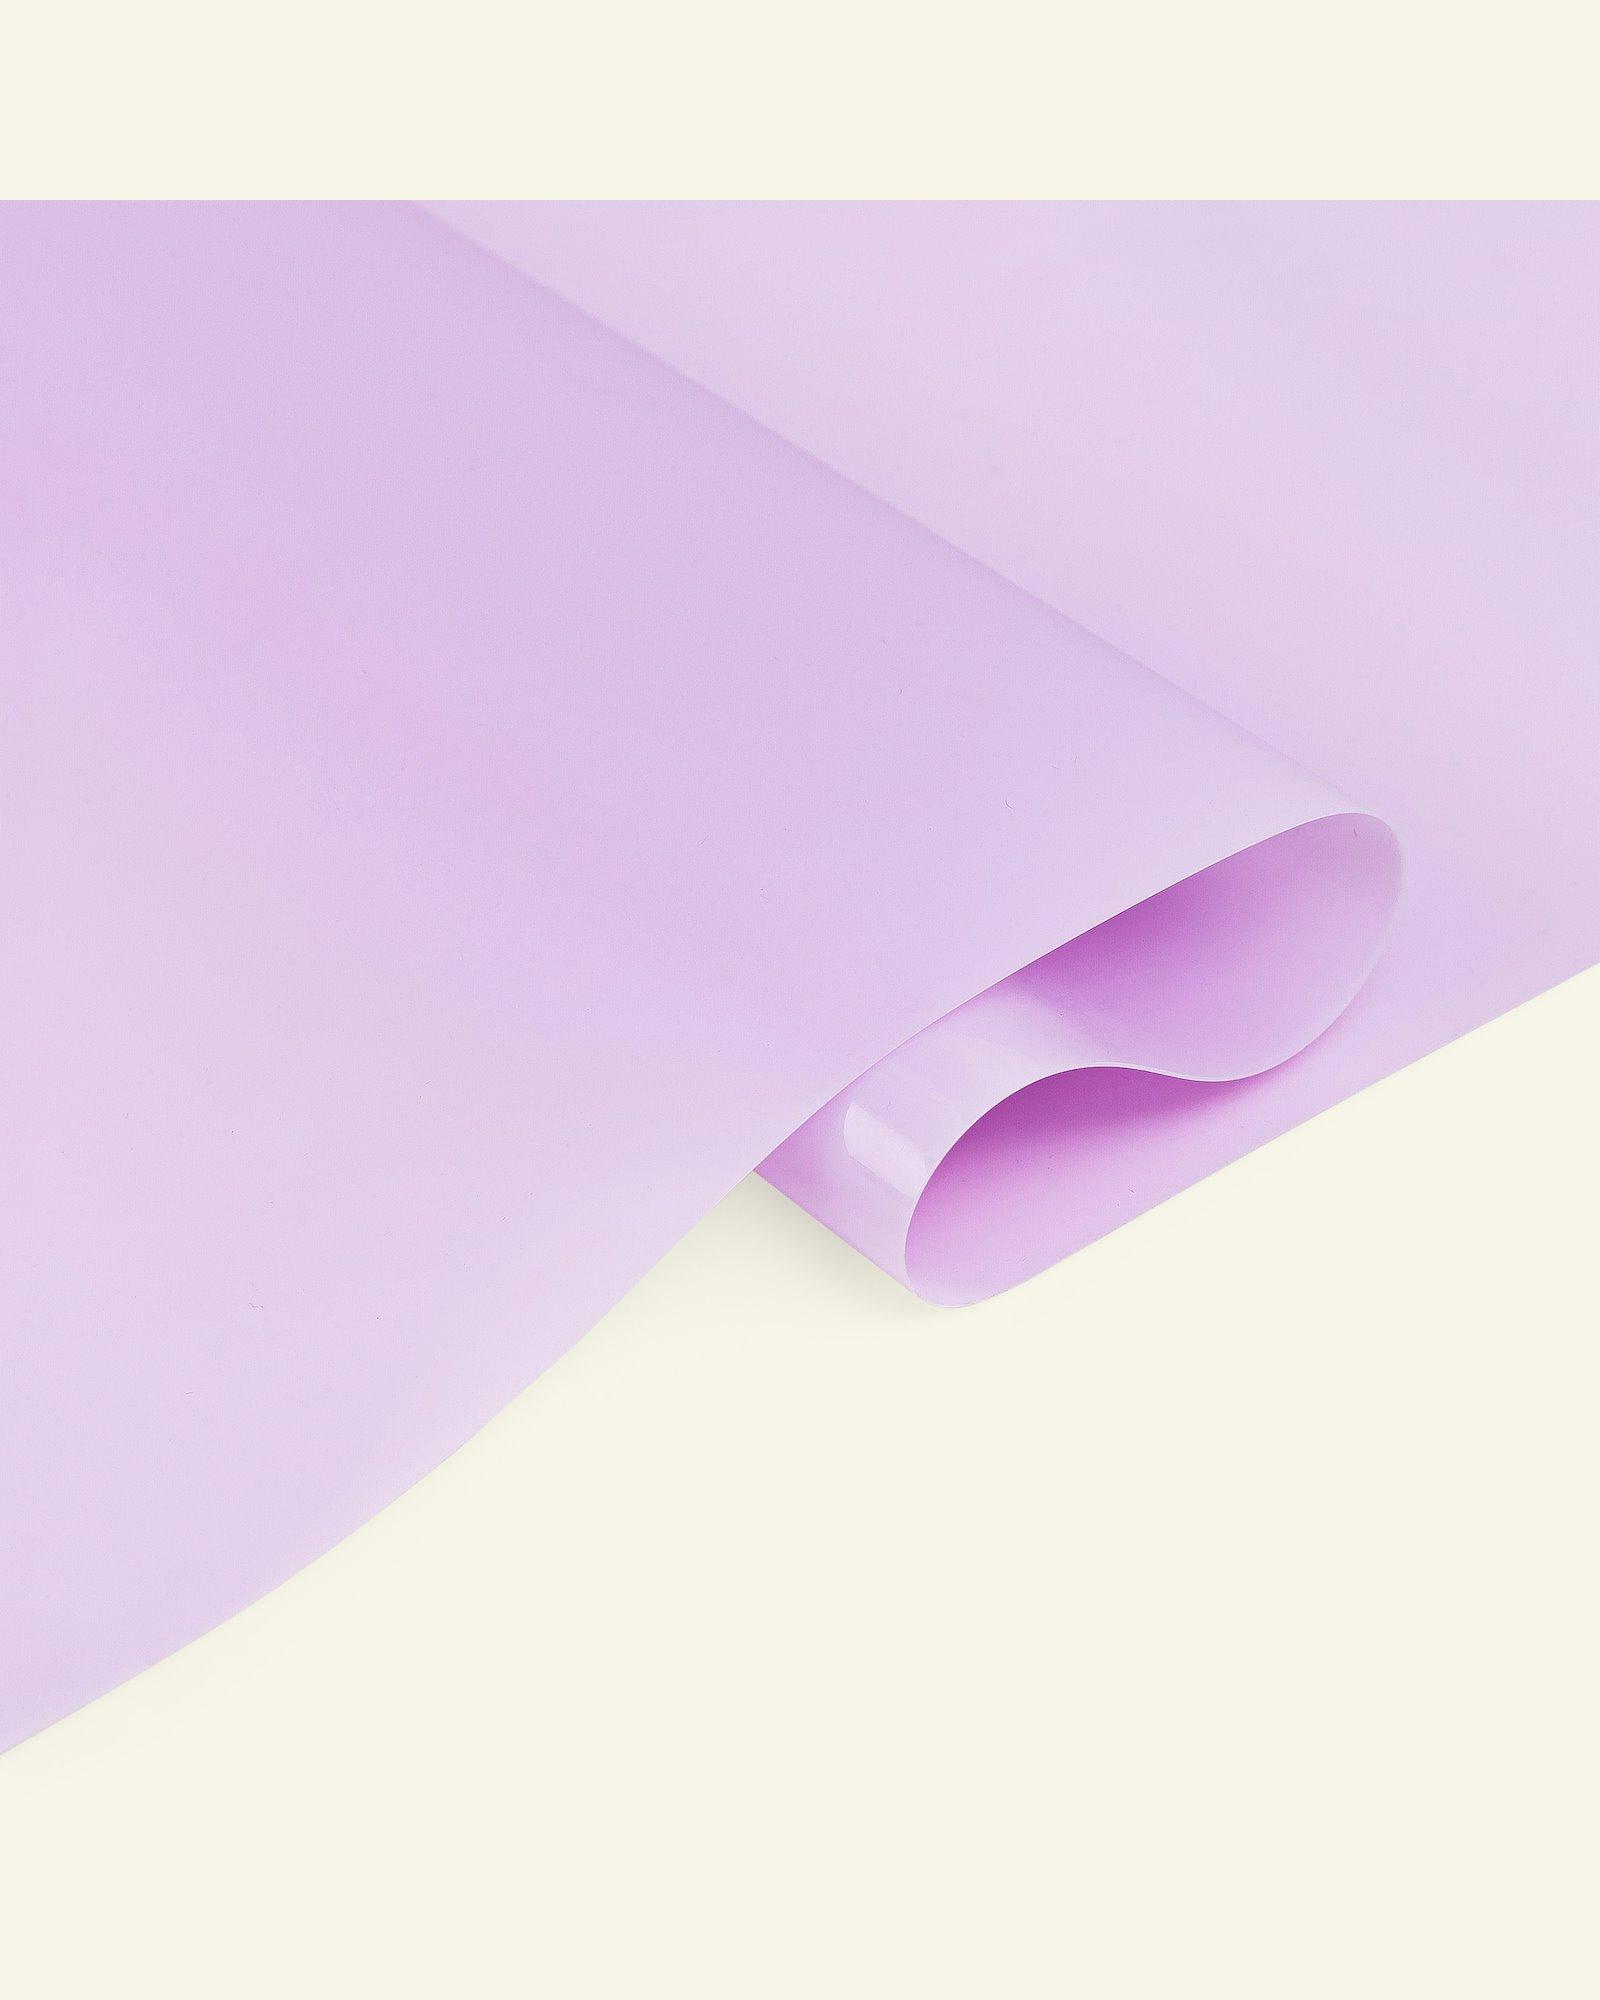 Silikon-Bogen, 30x40cm Staubviolett, St.